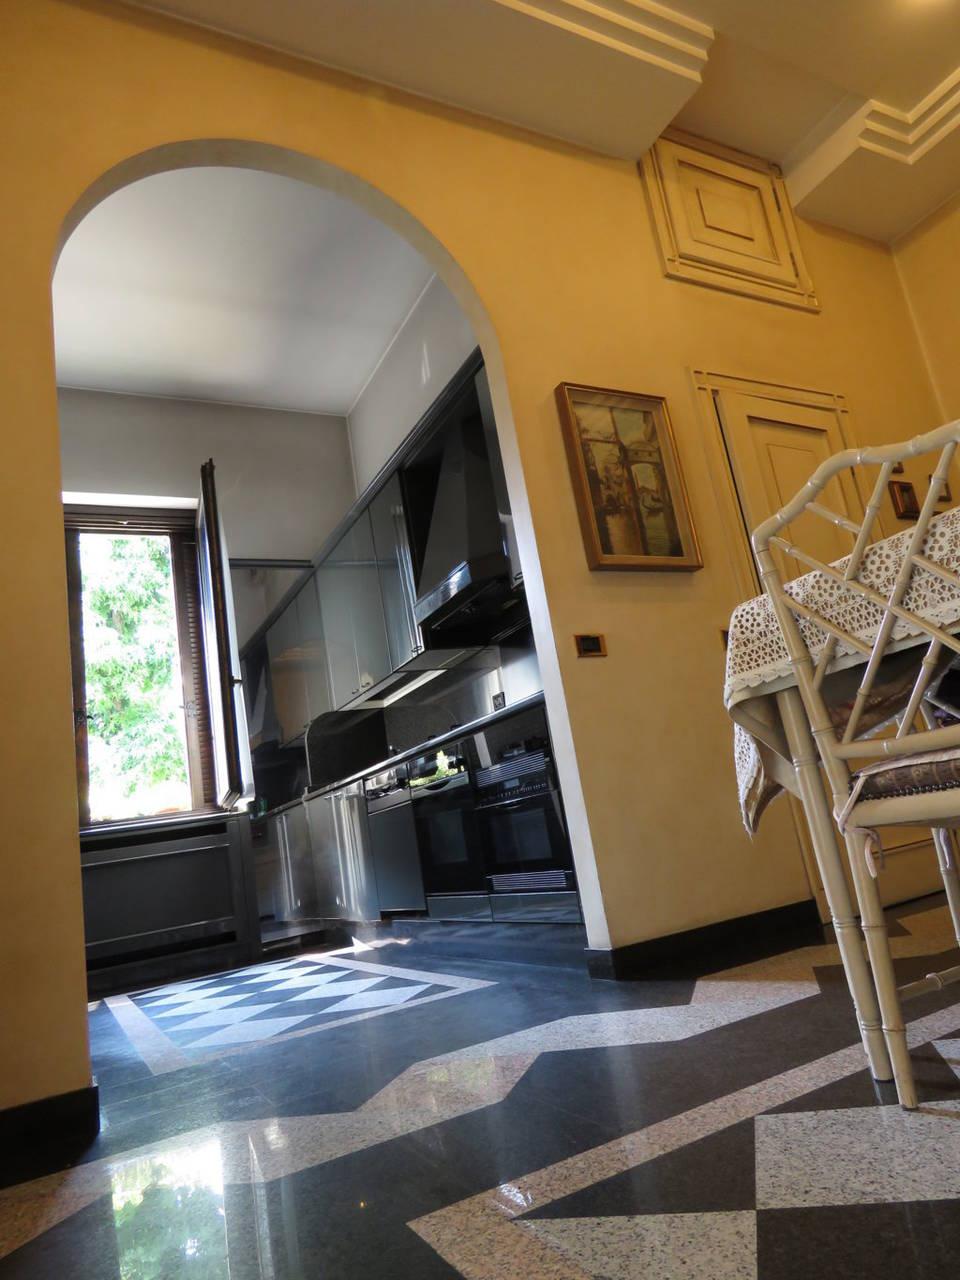 Villa-Epoca-di-pregio-in-vendita-a-Monza-27